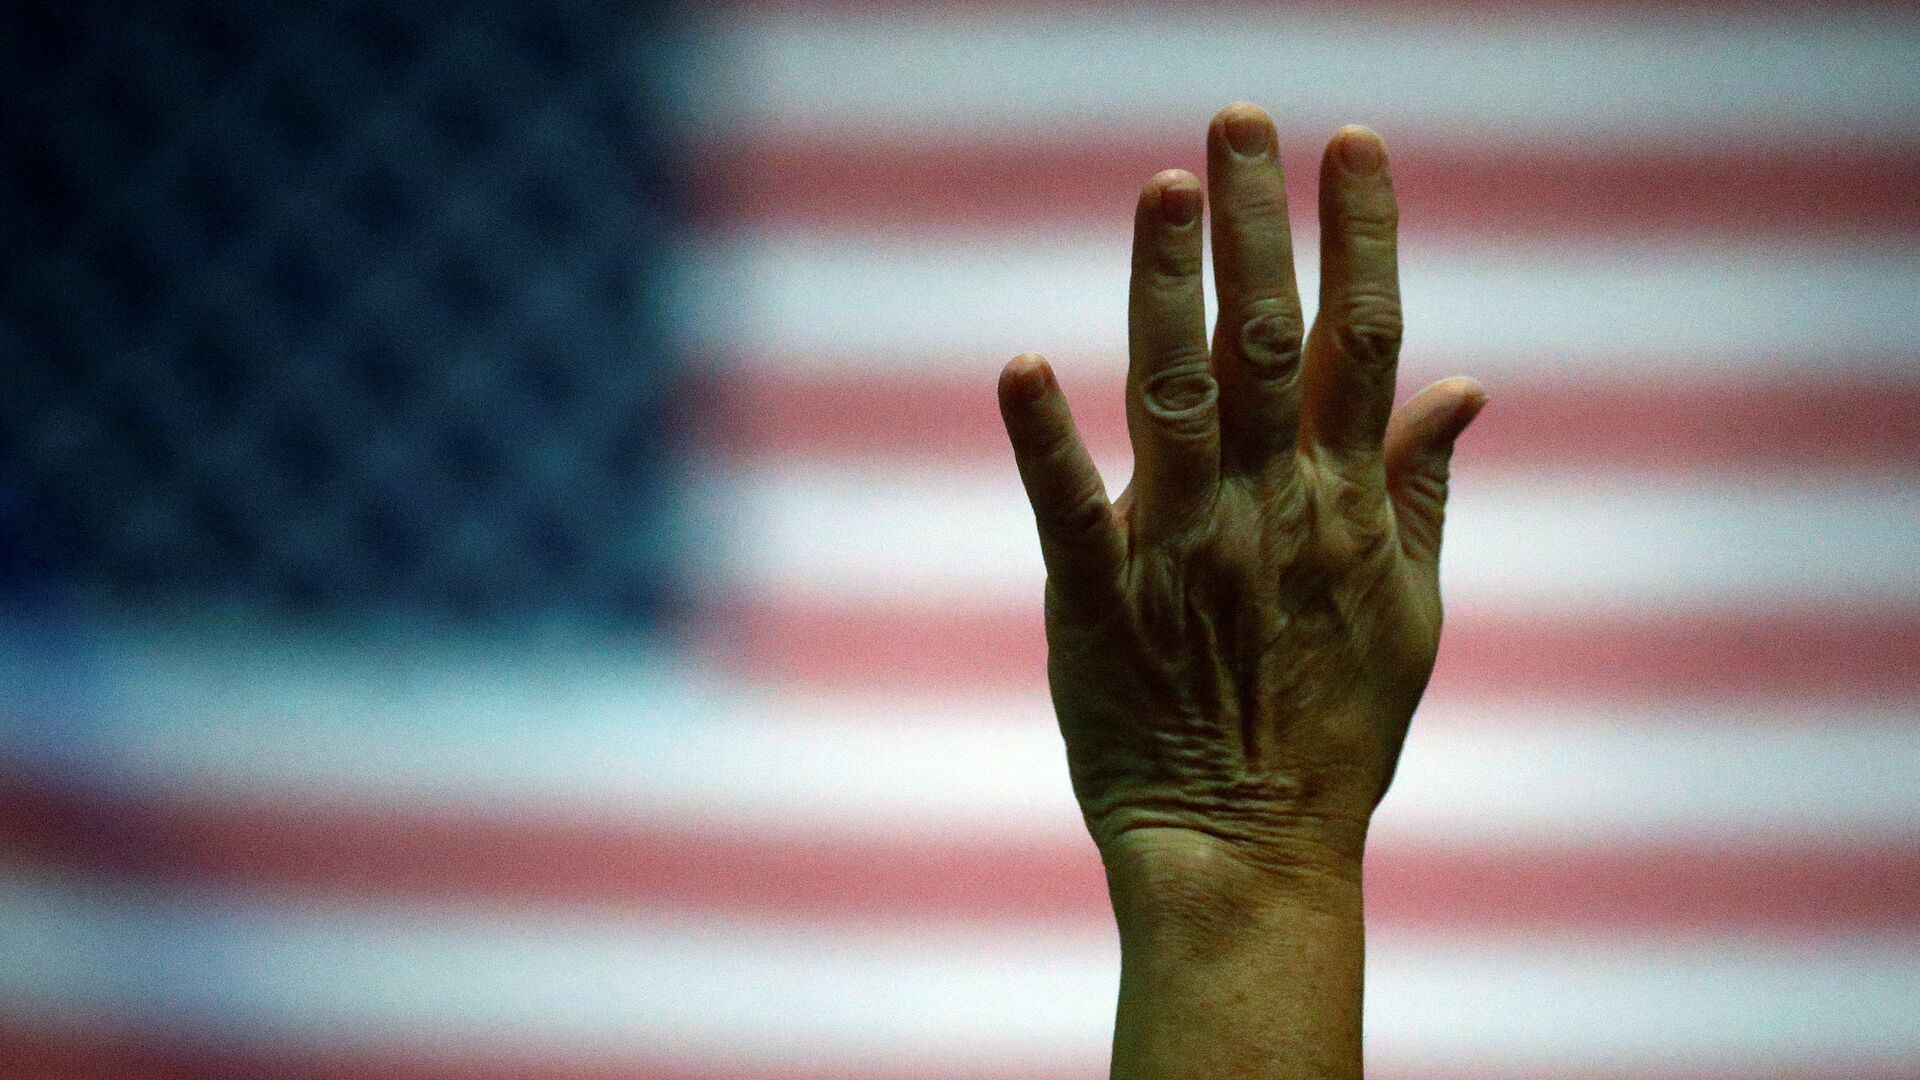 Partidario del candidato presidencial Donald Trump levanta la mano durante un evento de la campaña electoral - Sputnik Mundo, 1920, 01.08.2021